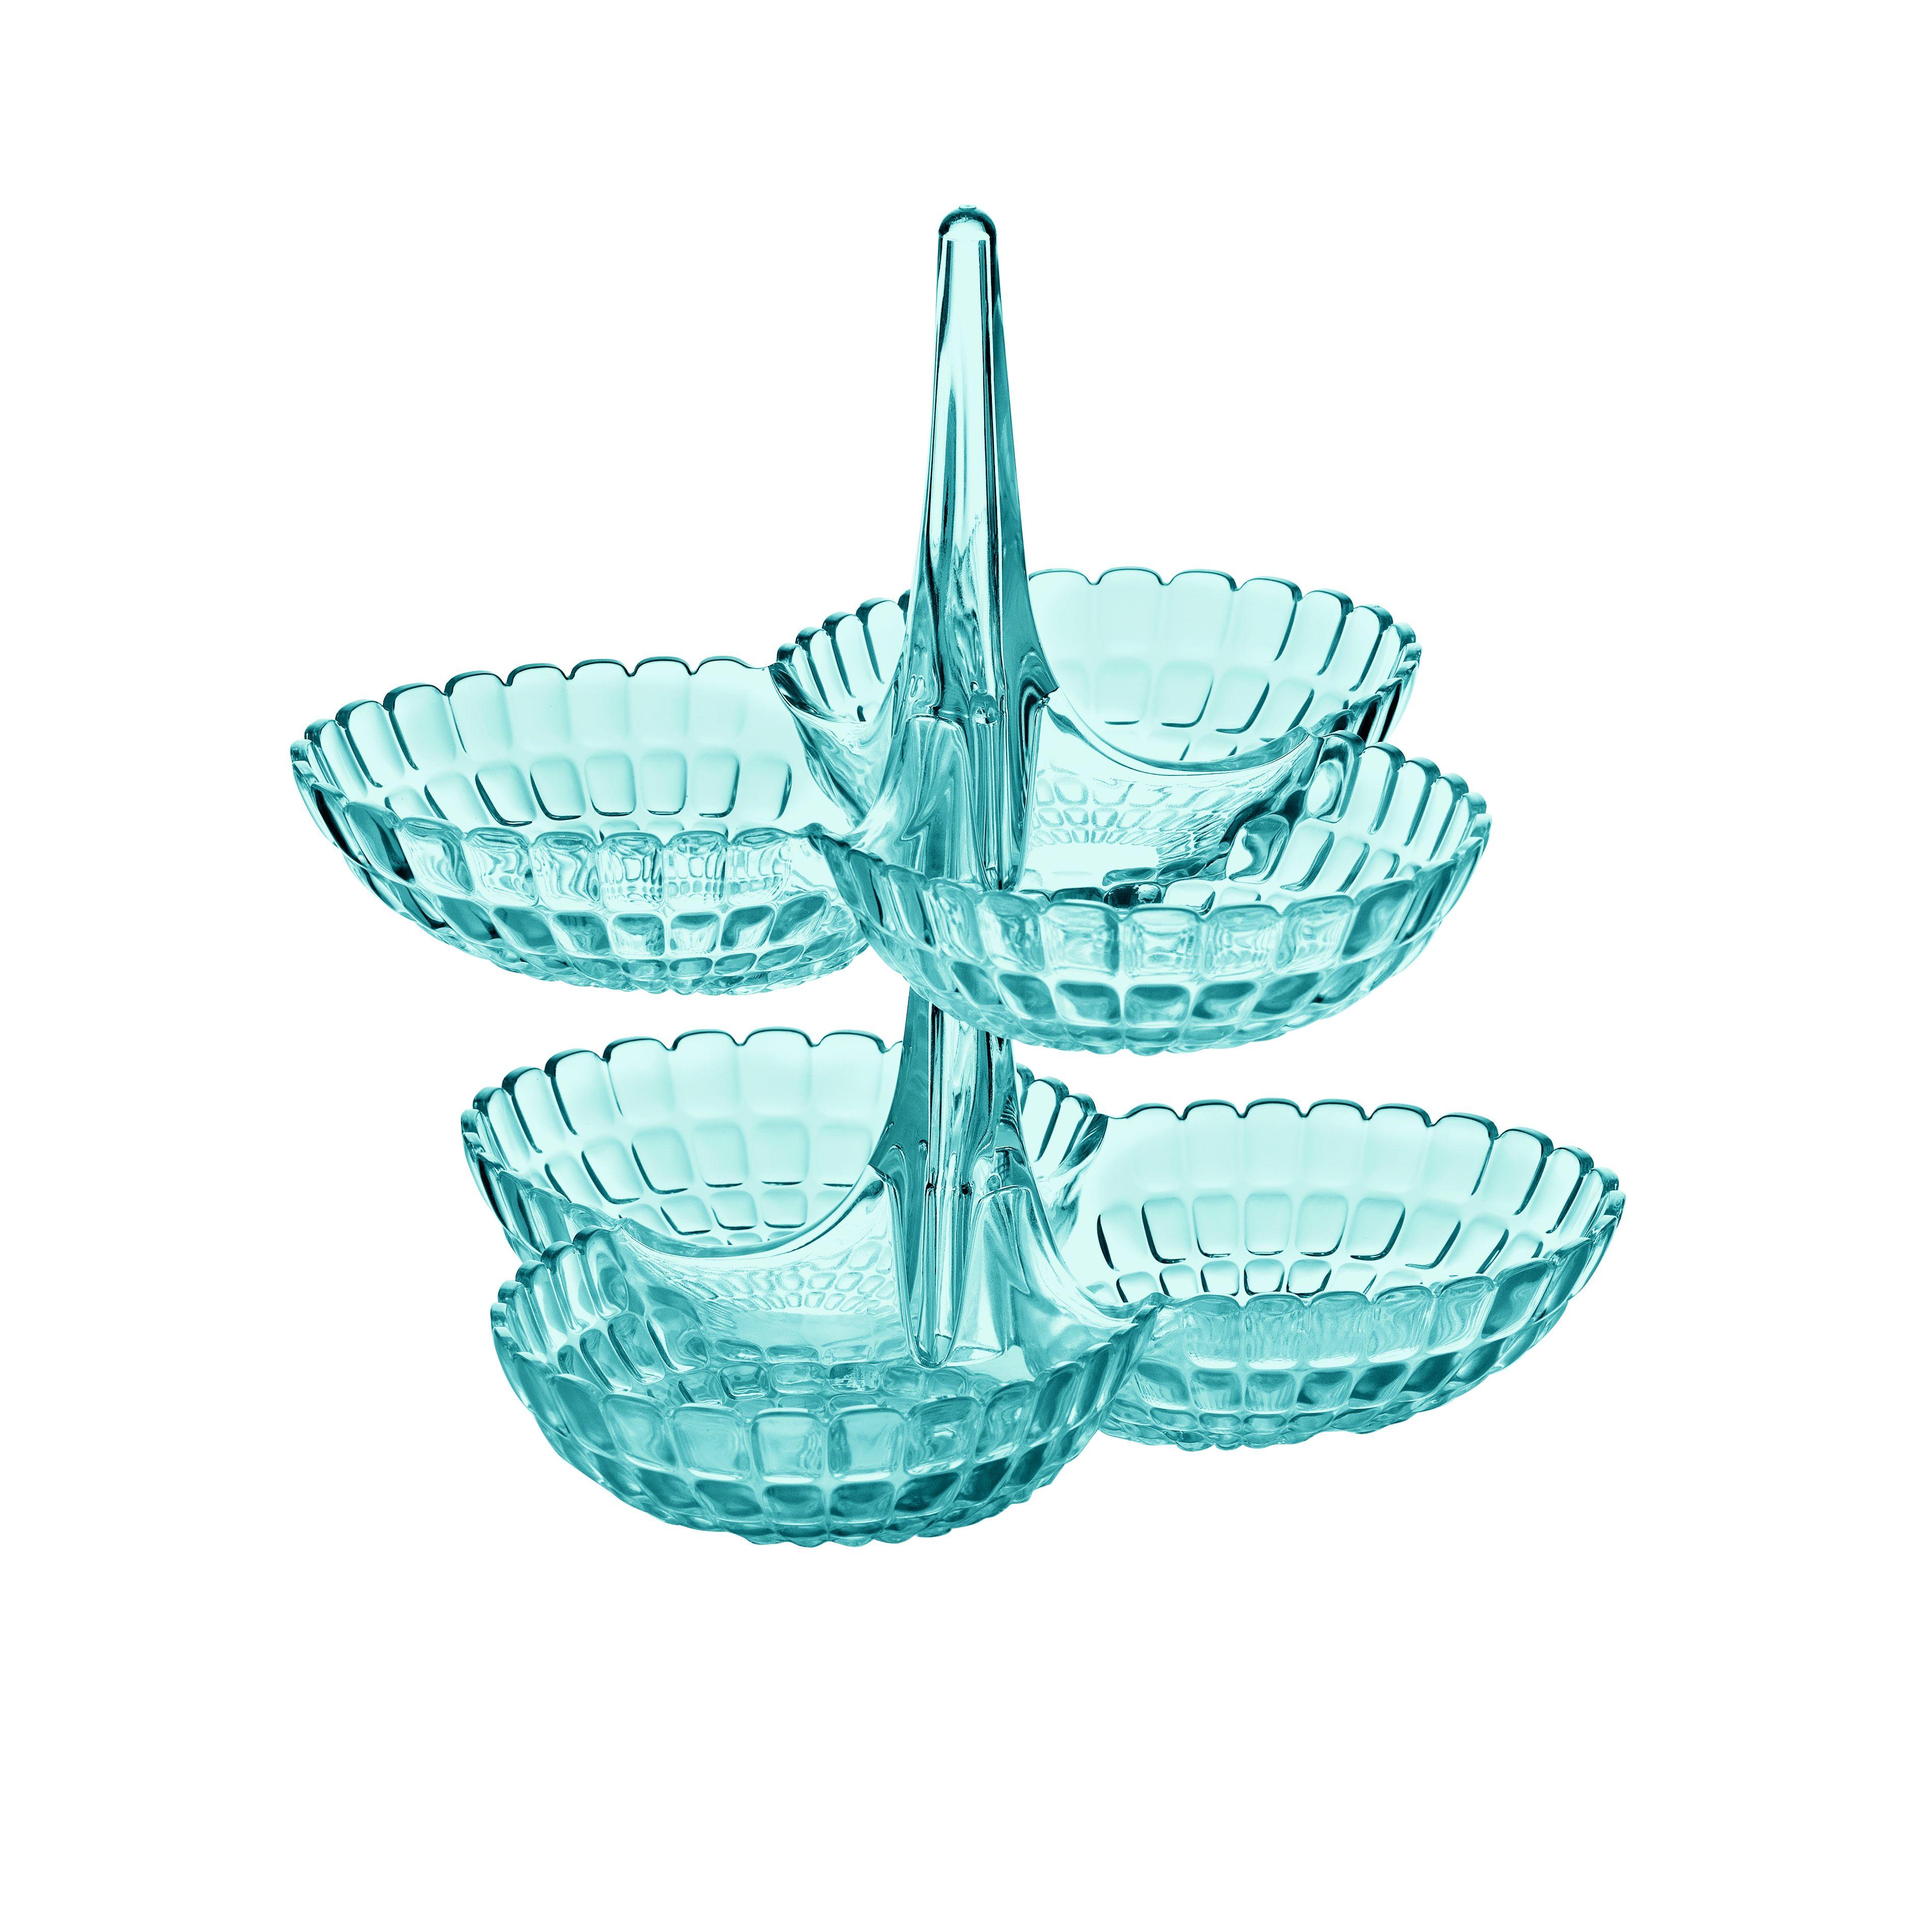 Менажница двухярусная TIFFANY голубаяЗамечательная менажница TIFFANY от Guzzini не только поможет компактнее разложить фрукты и десерты, но и станет прекрасным украшением любого стола.<br>